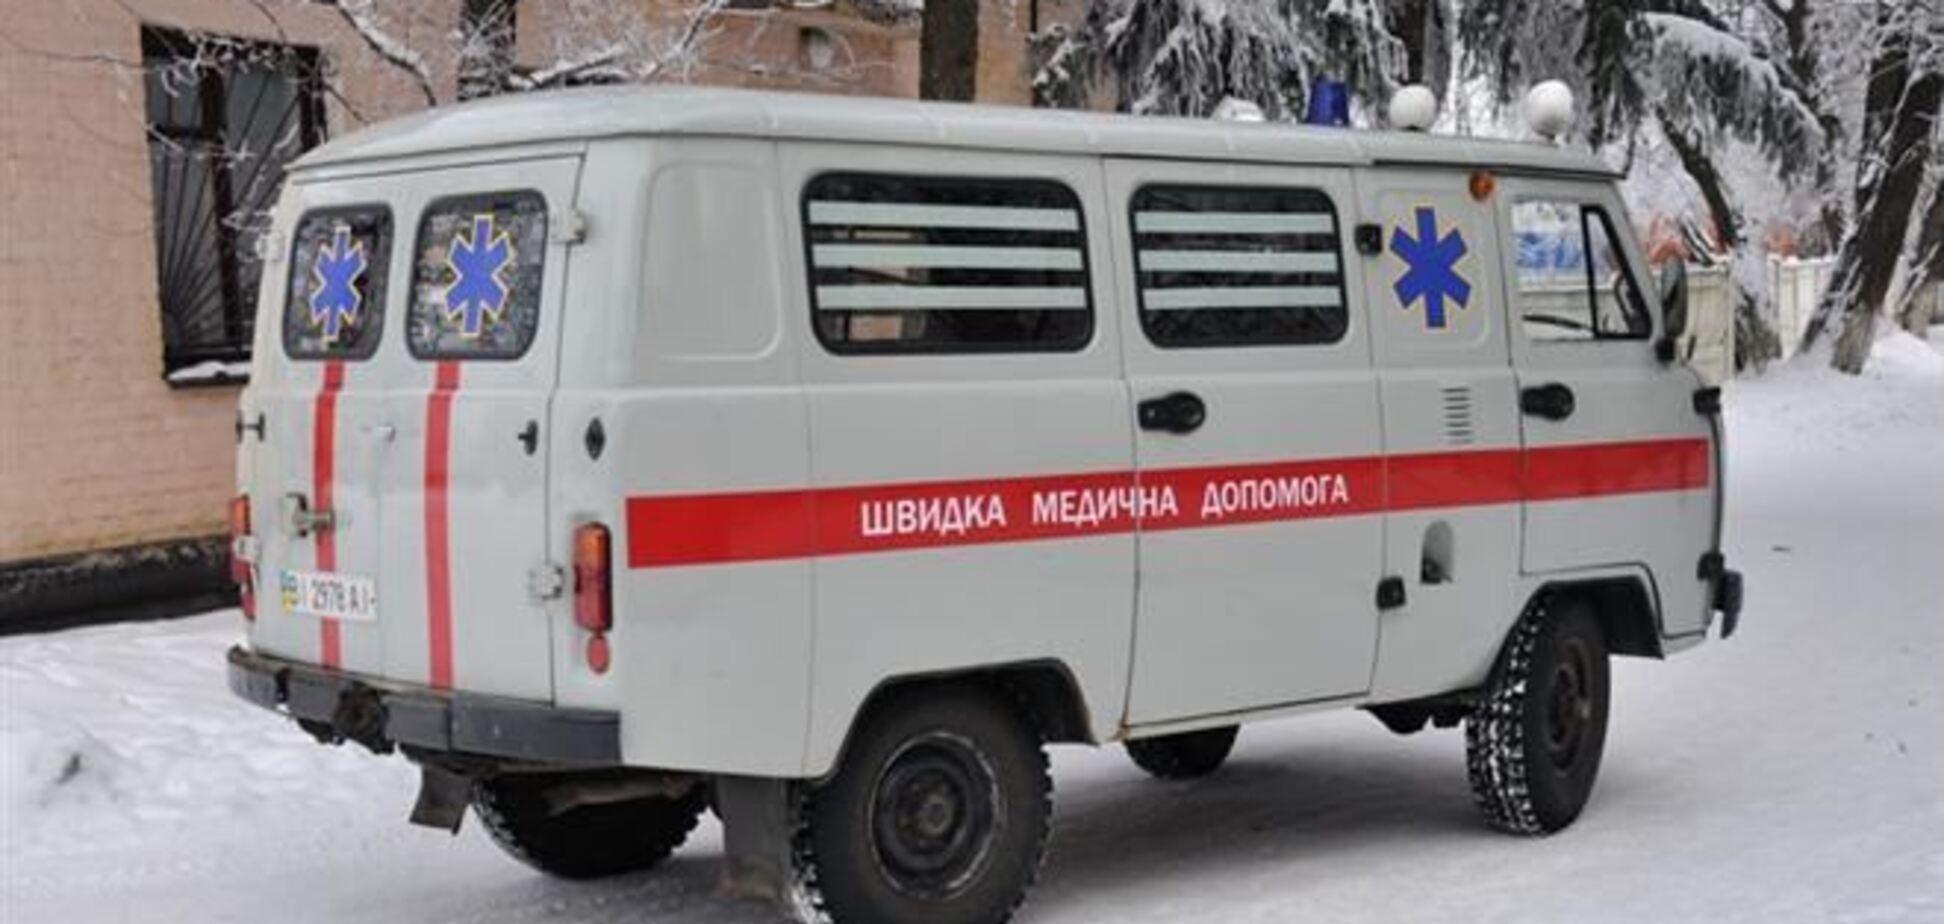 На Тернопольщине от переохлаждения умерла женщина